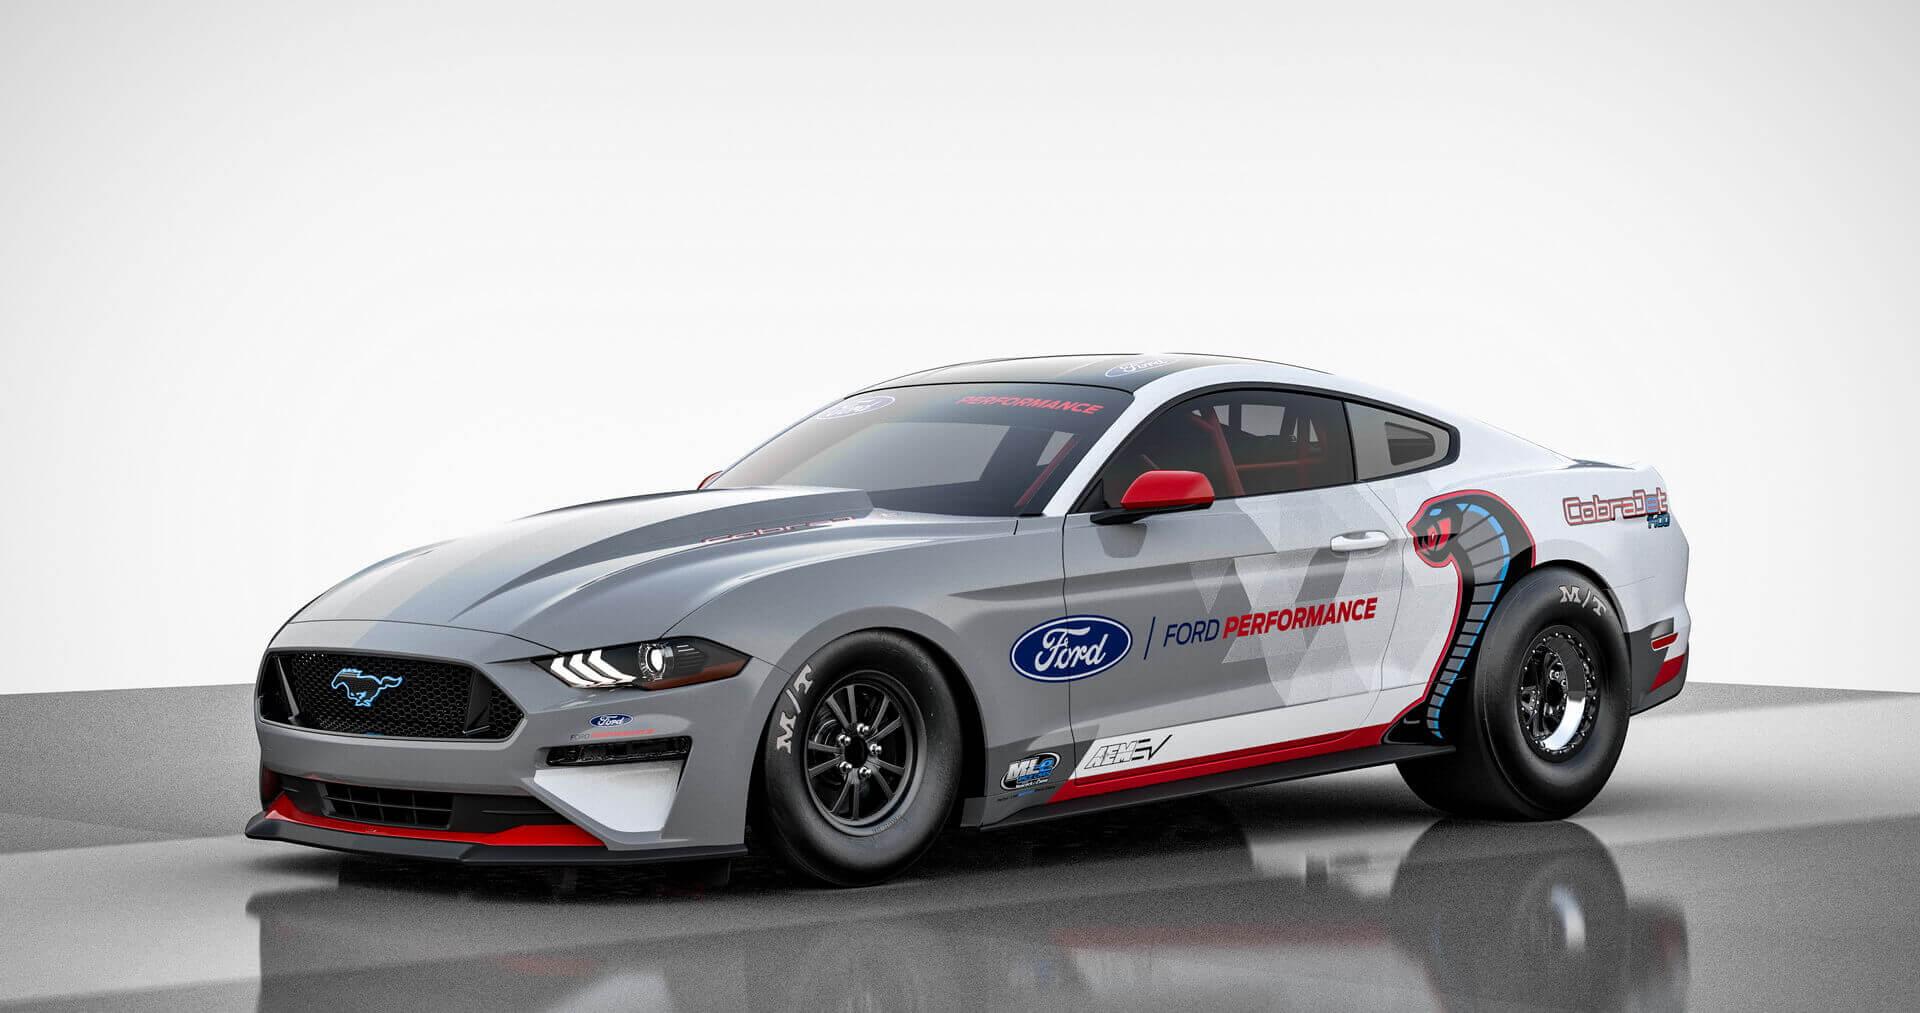 Ford раскрывает электрический драгстер Mustang Cobra Jet 1400